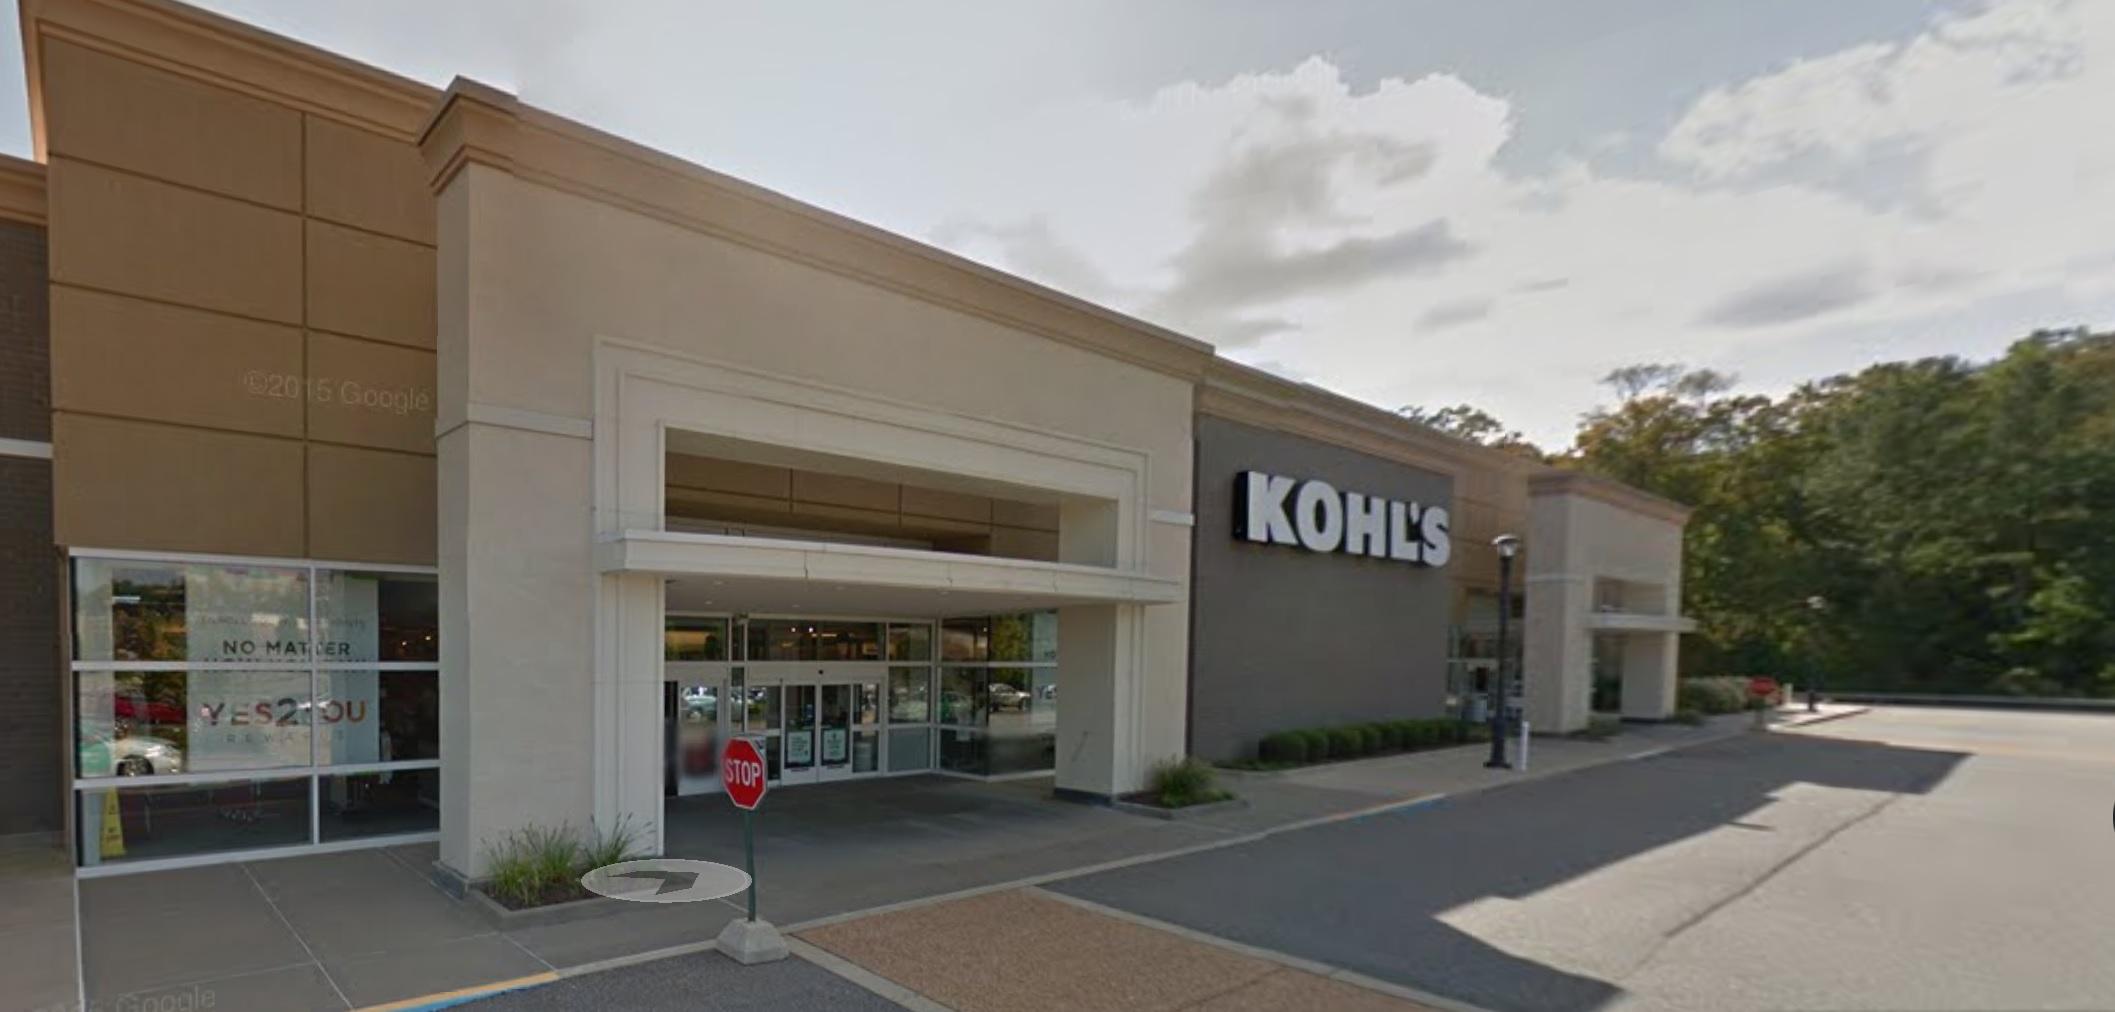 Kohl's, shoplifting, Williamsburg